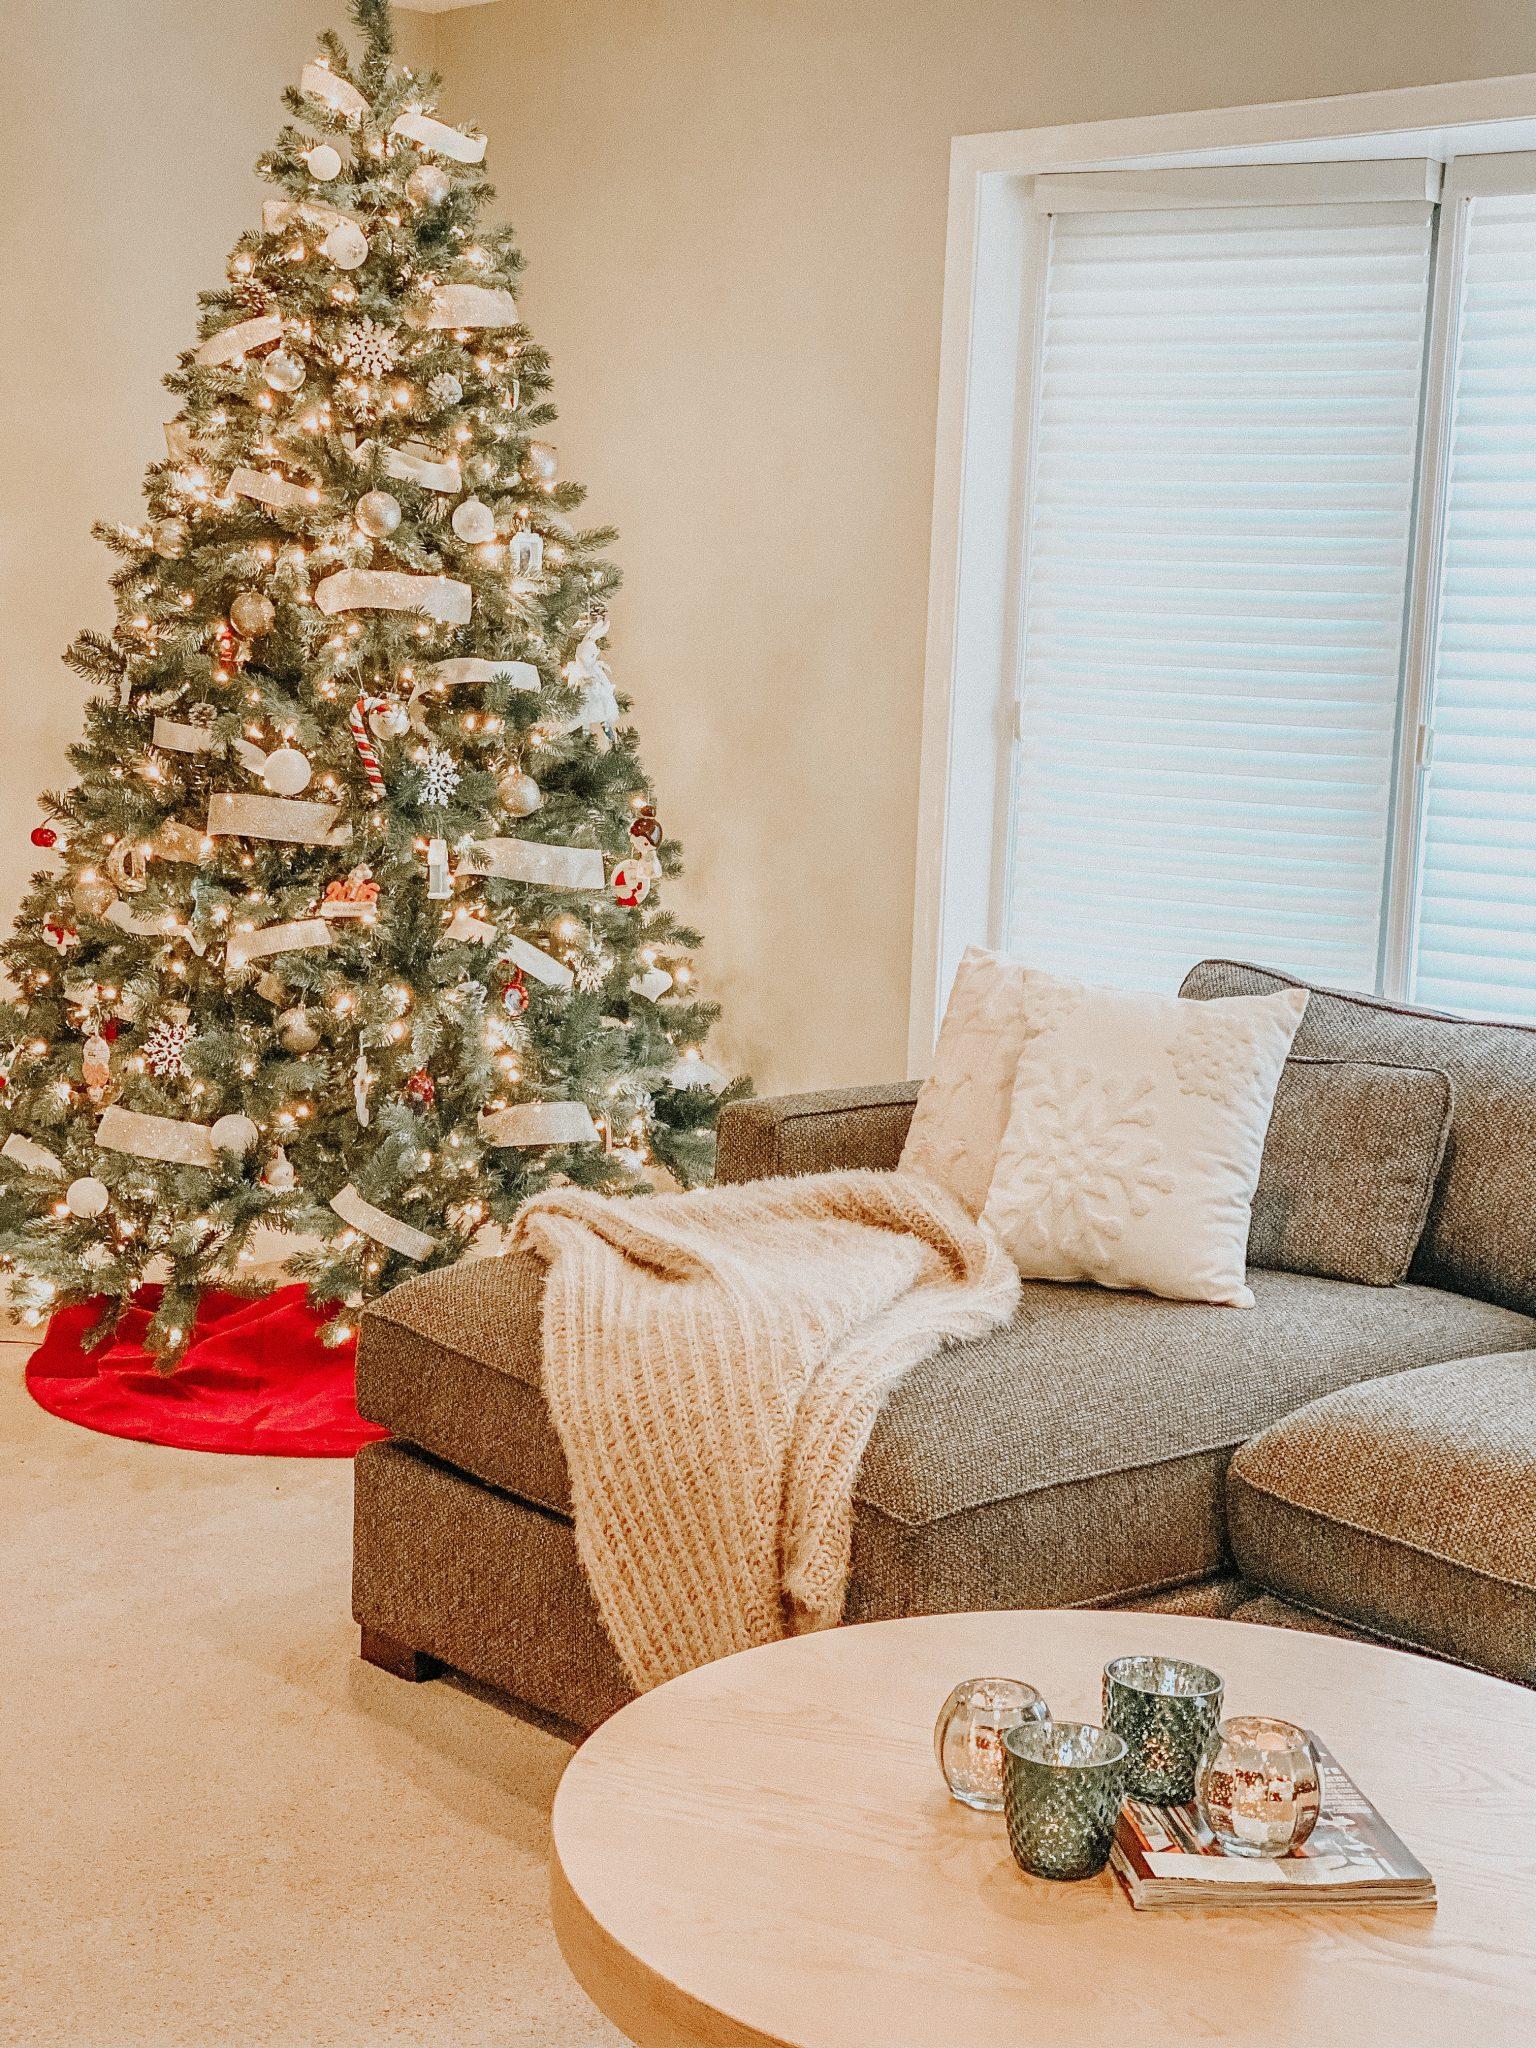 Christmas Home Tour | Daily Splendor Life and Style Blog | Christmas Living Room #simplechristmasdecor #cozychristmas #mercuryglasscandle #christmastree #christmaslivingroom